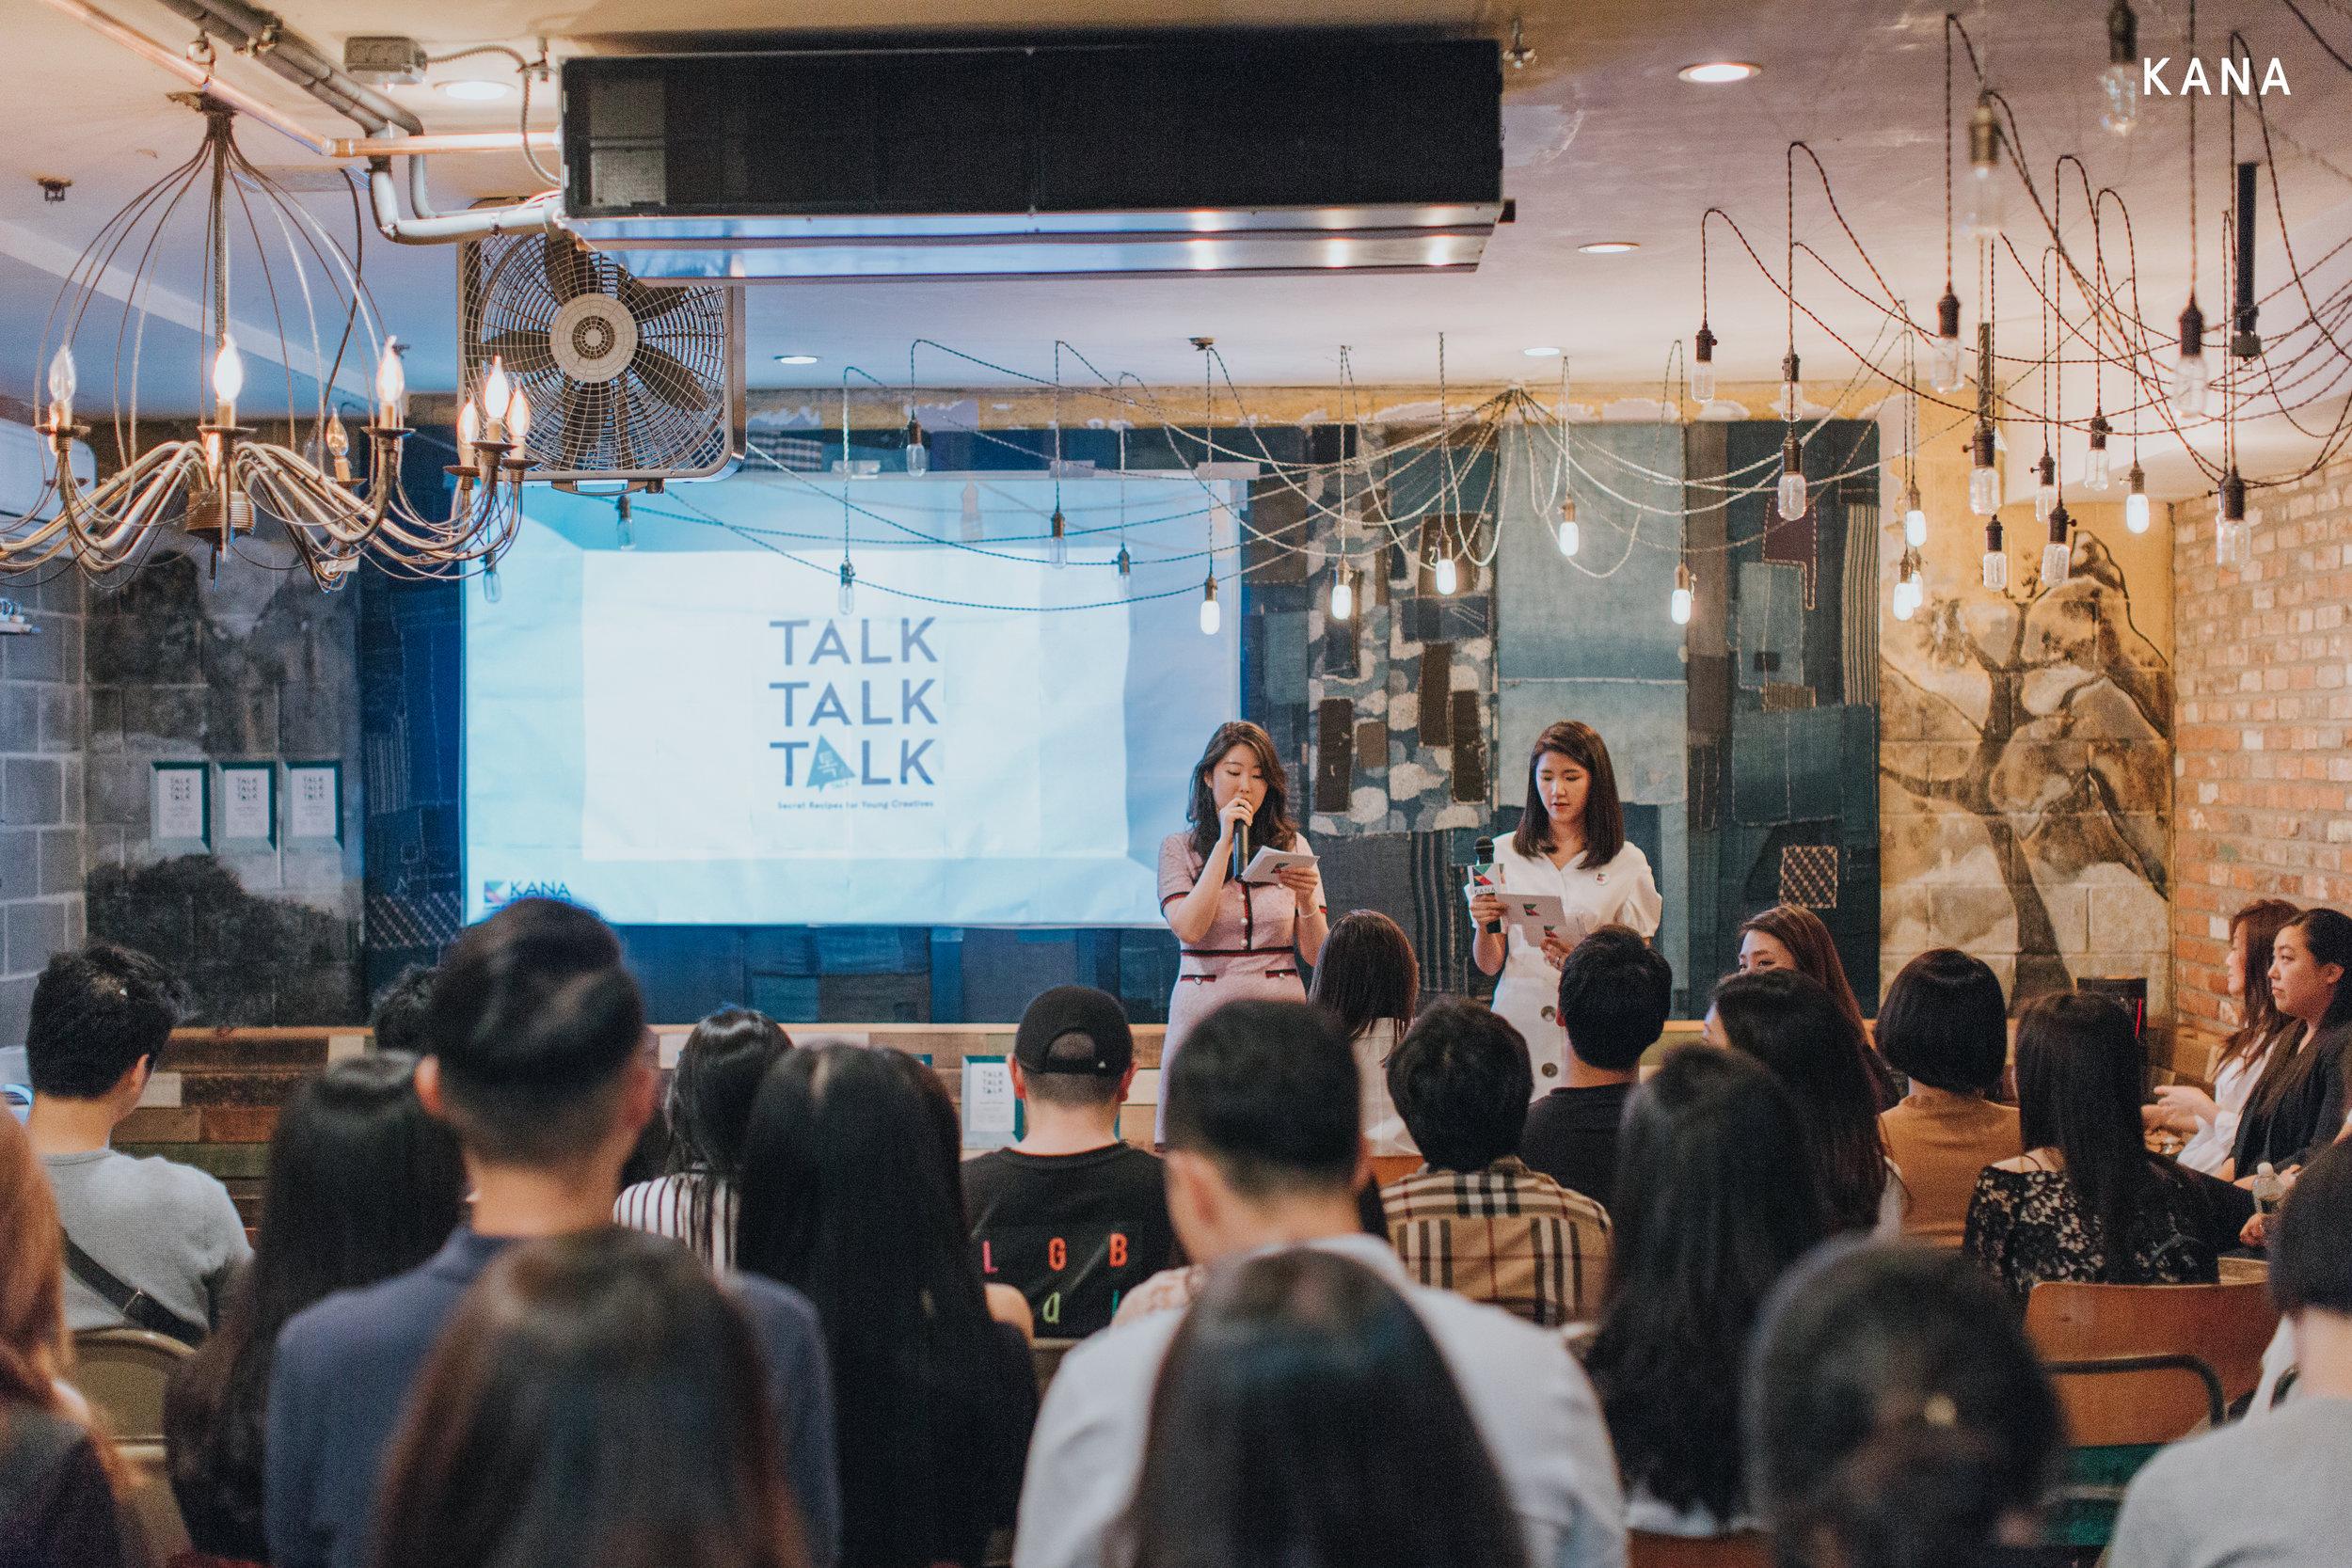 190608 The 9th TALK TALK TALK_4.jpg